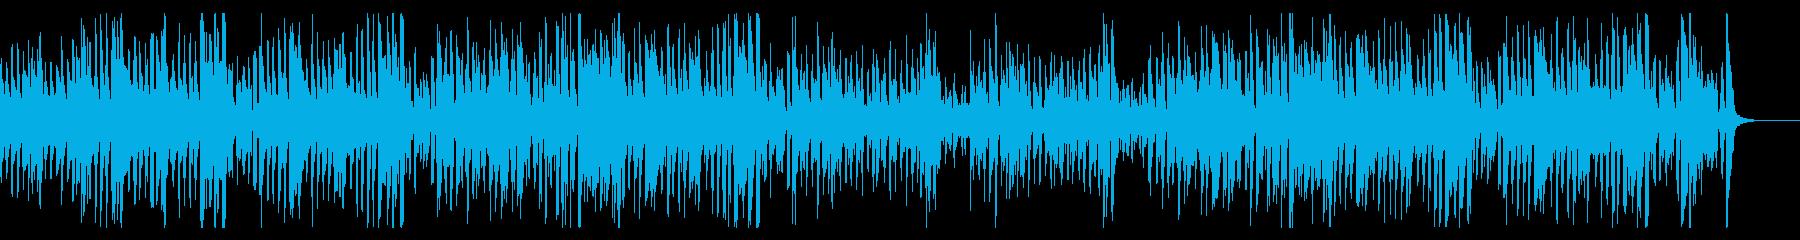 サイレント映画風コミカルフレンチジャズの再生済みの波形